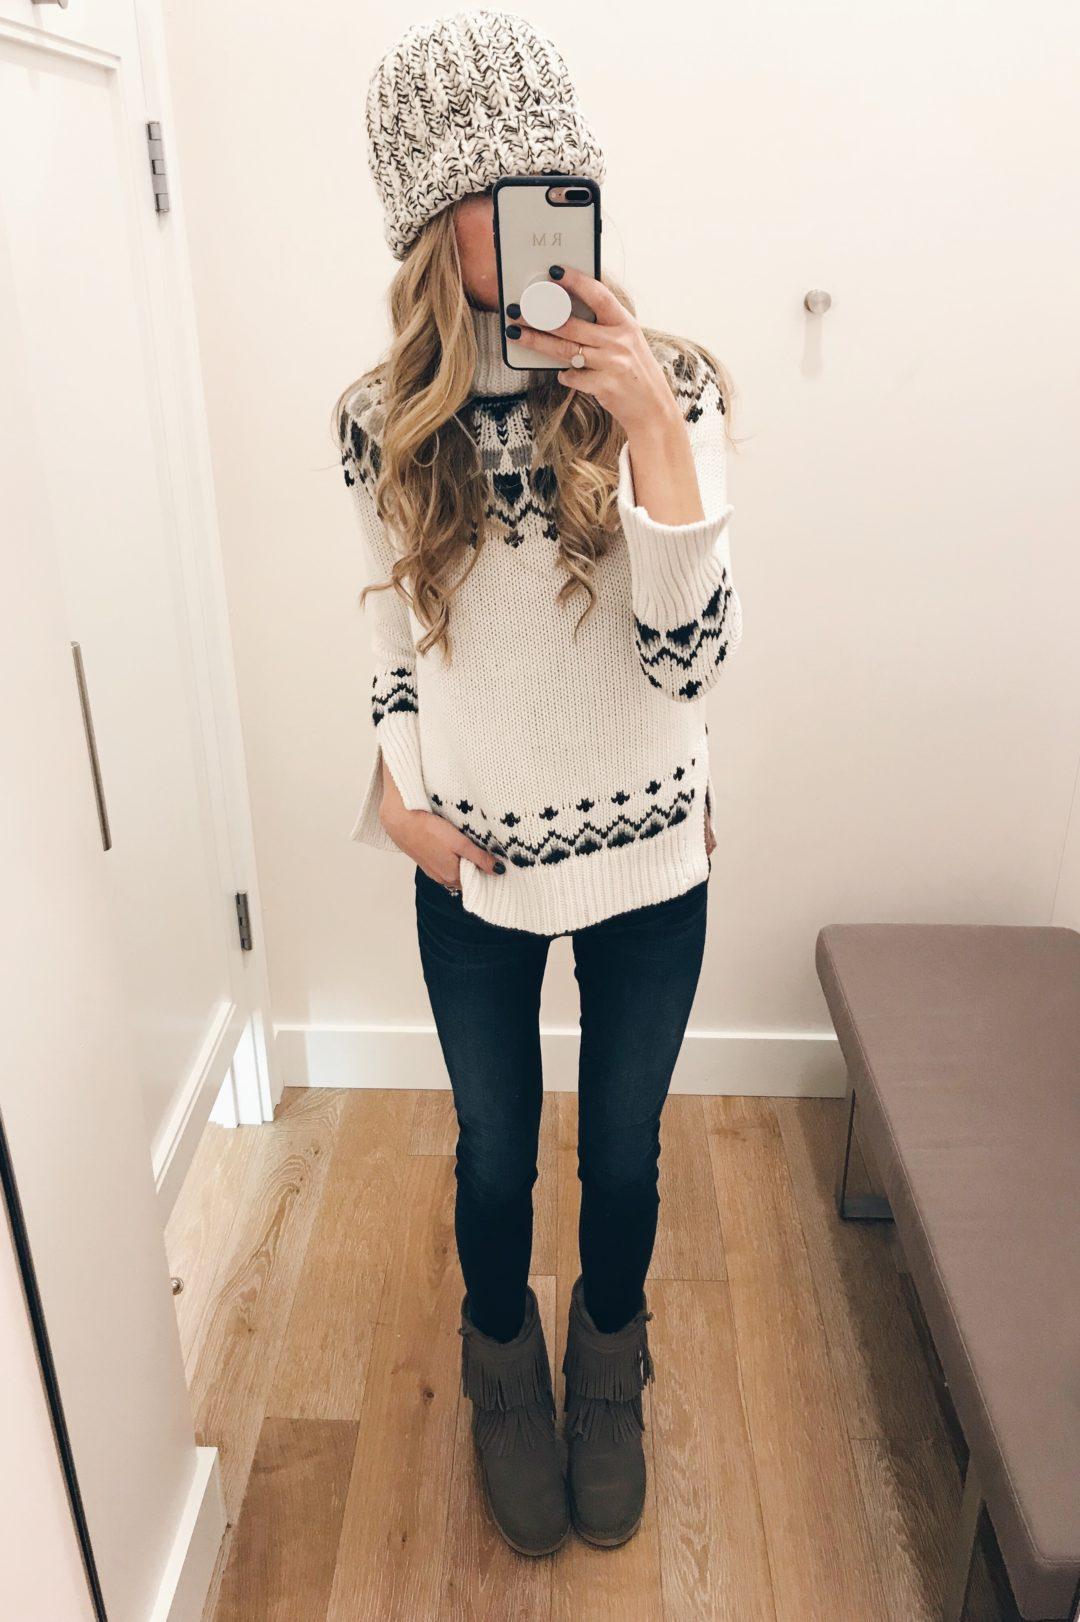 Cyber Week 2017 sweaters on sale - ski weekend sweater